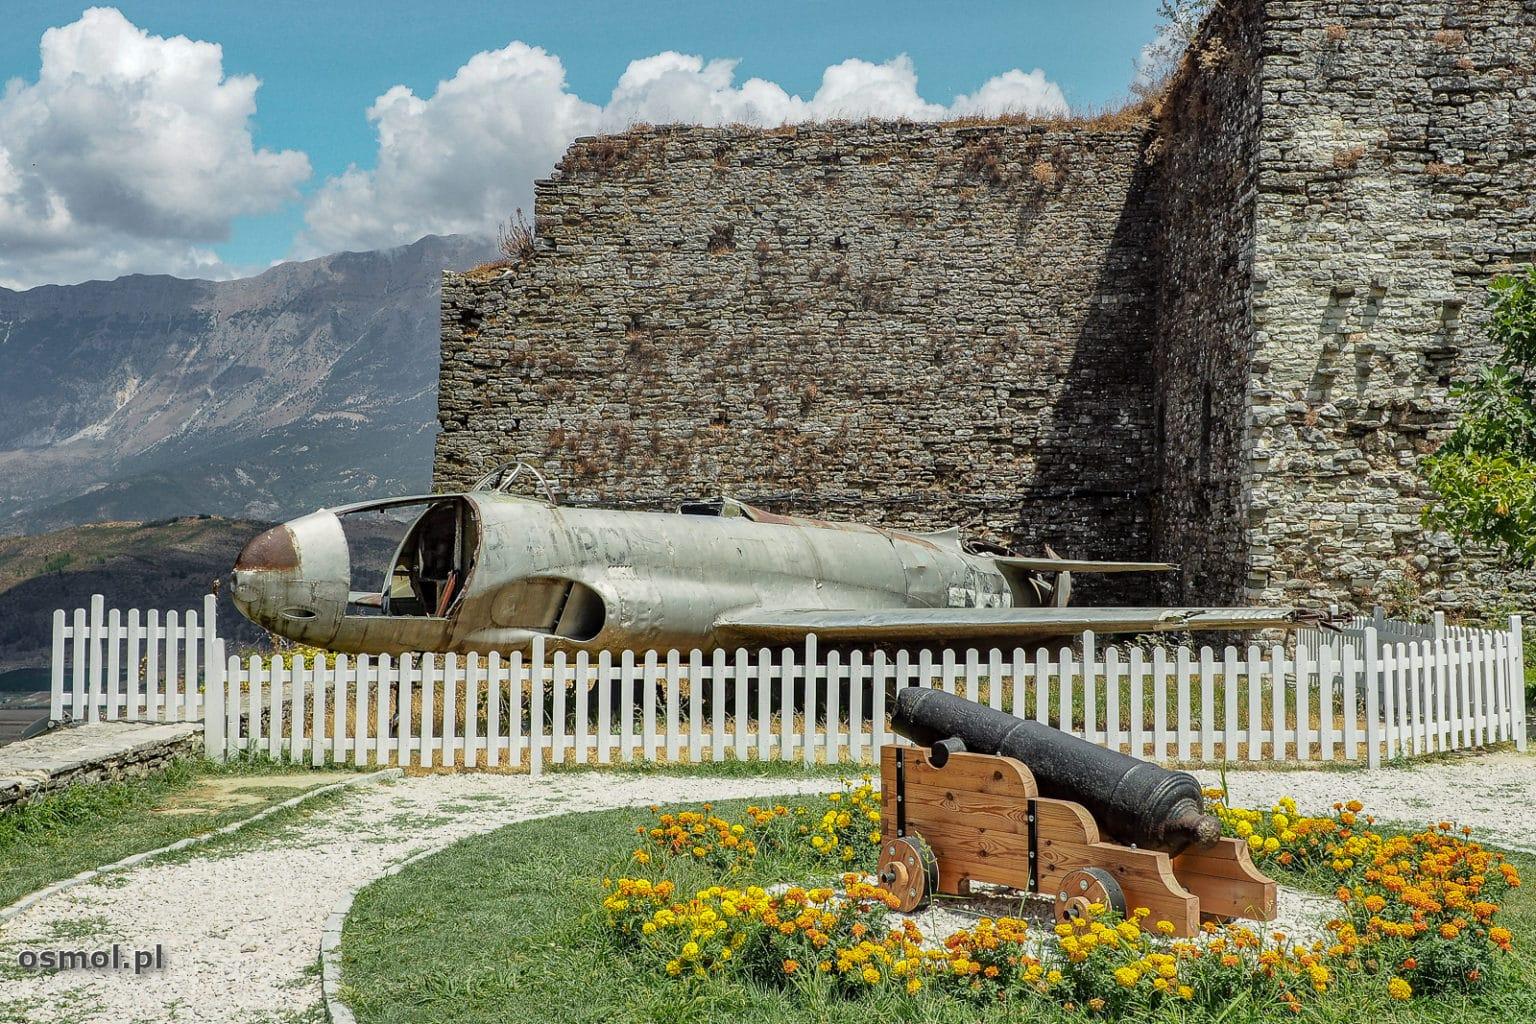 Samolot Lockheed T-33A - zamek w Gjirokastrze